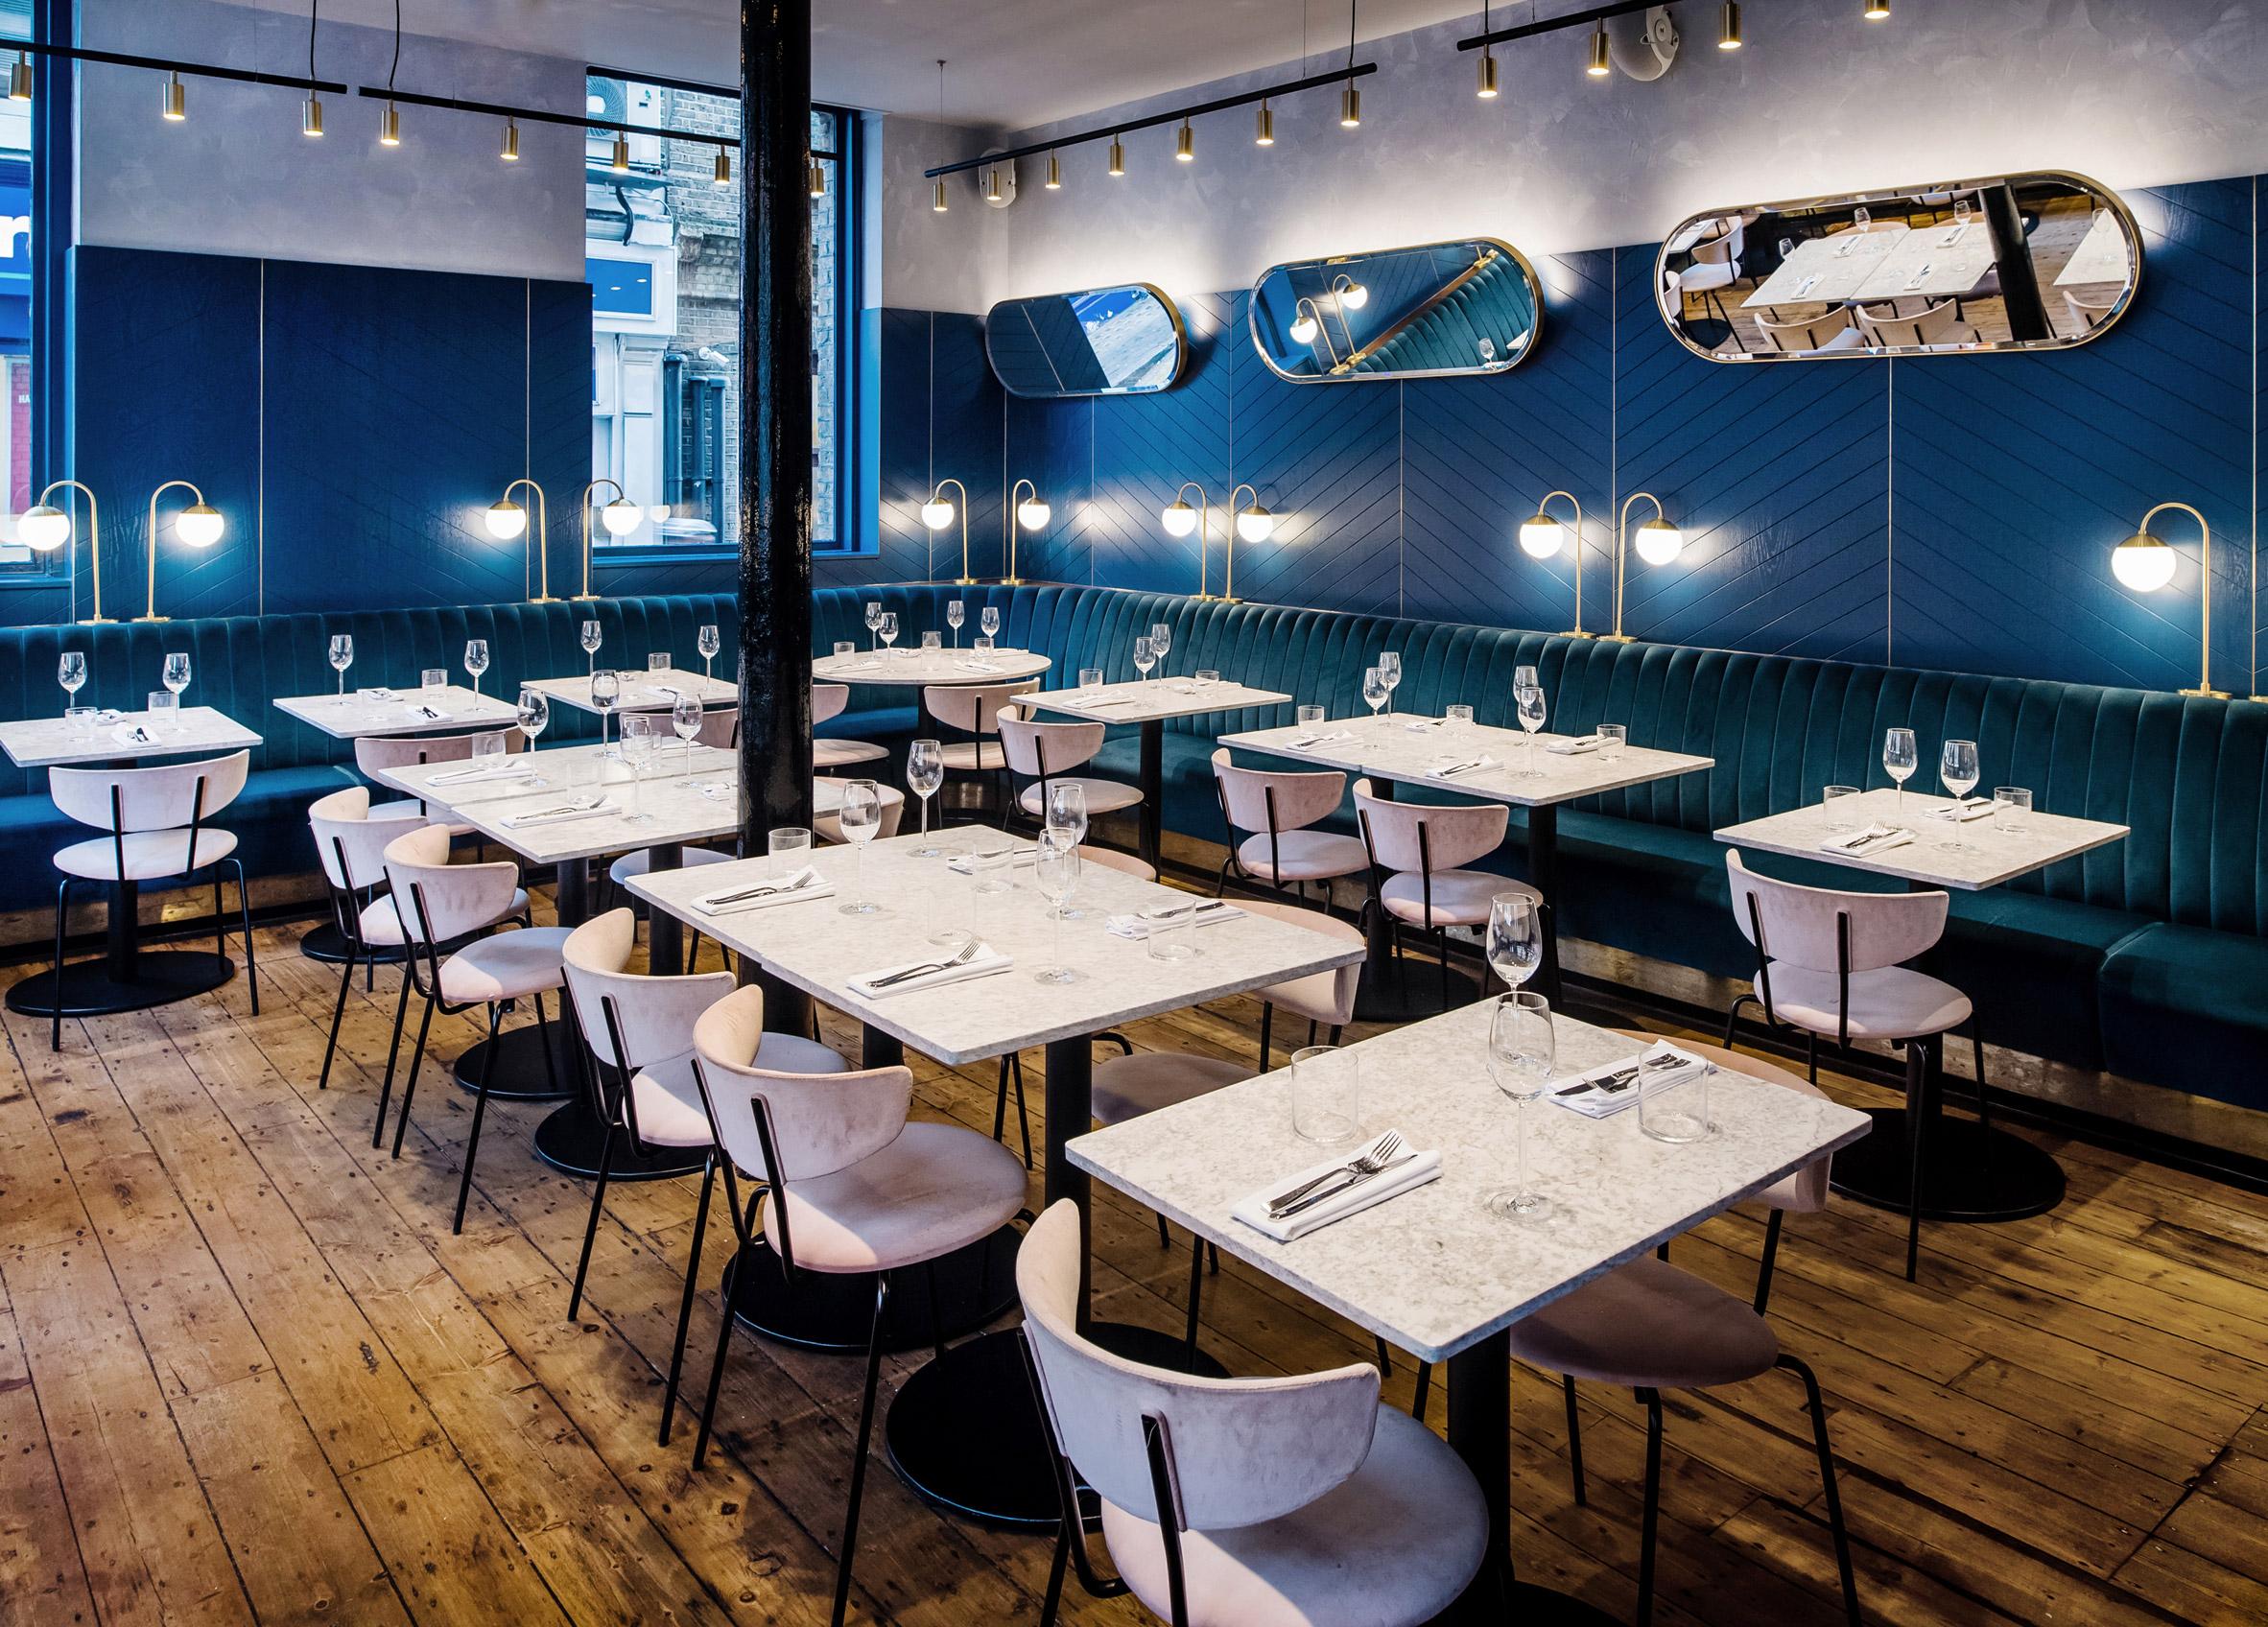 Armazém antigo é transformado em restaurante luxuoso